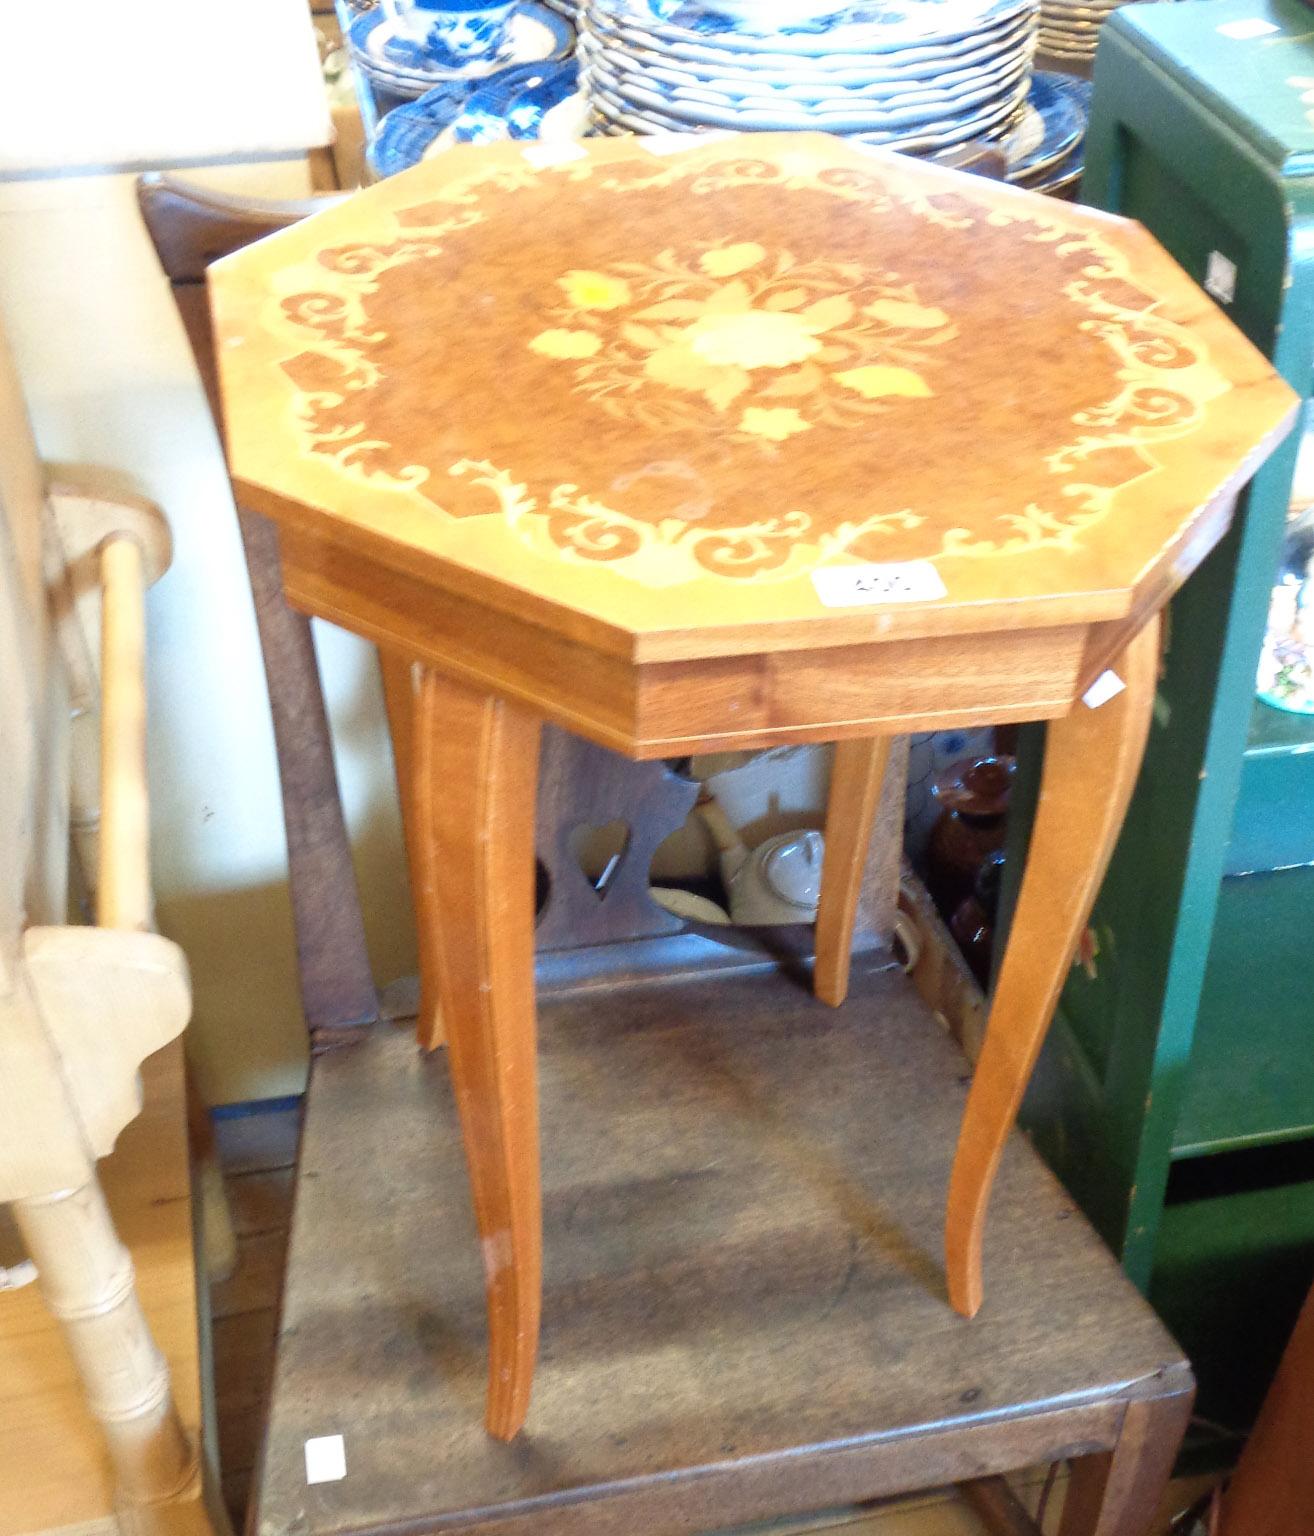 A souvenir Sorrento ware musical table